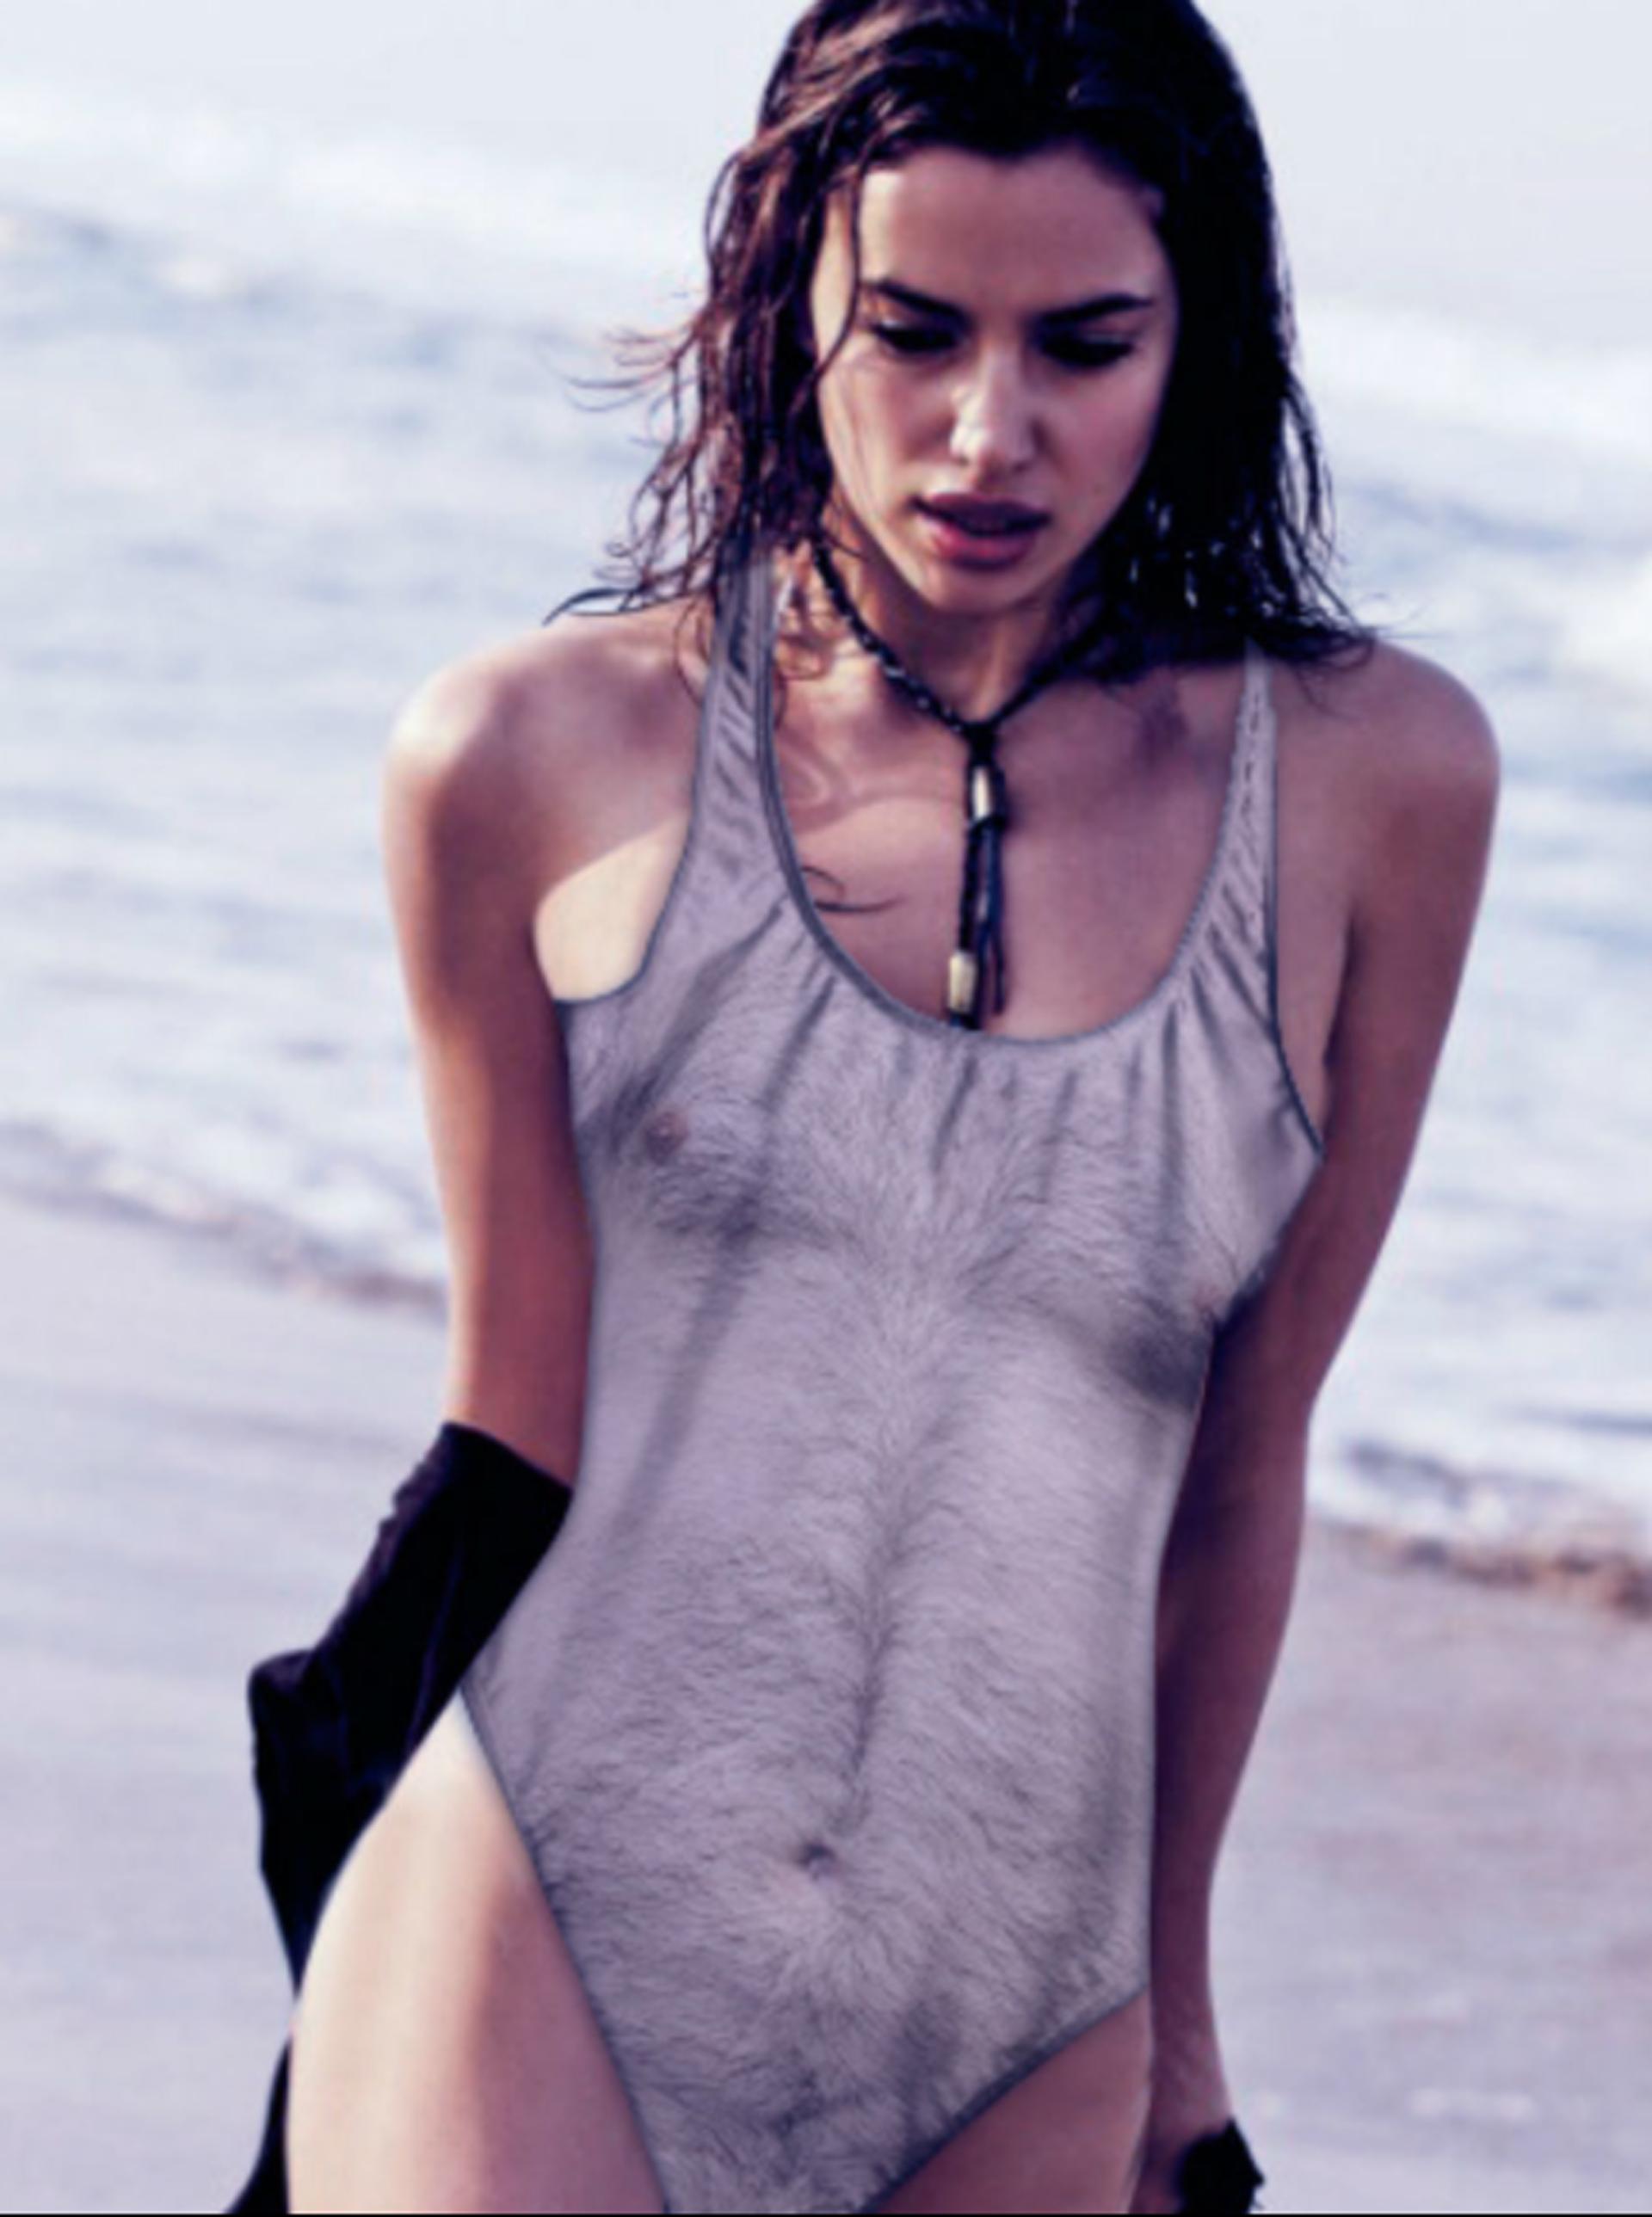 Irina Shayk, la modelo y actriz rusa, actual novia de Bradley Cooper y ex del jugador Cristiano Ronaldo